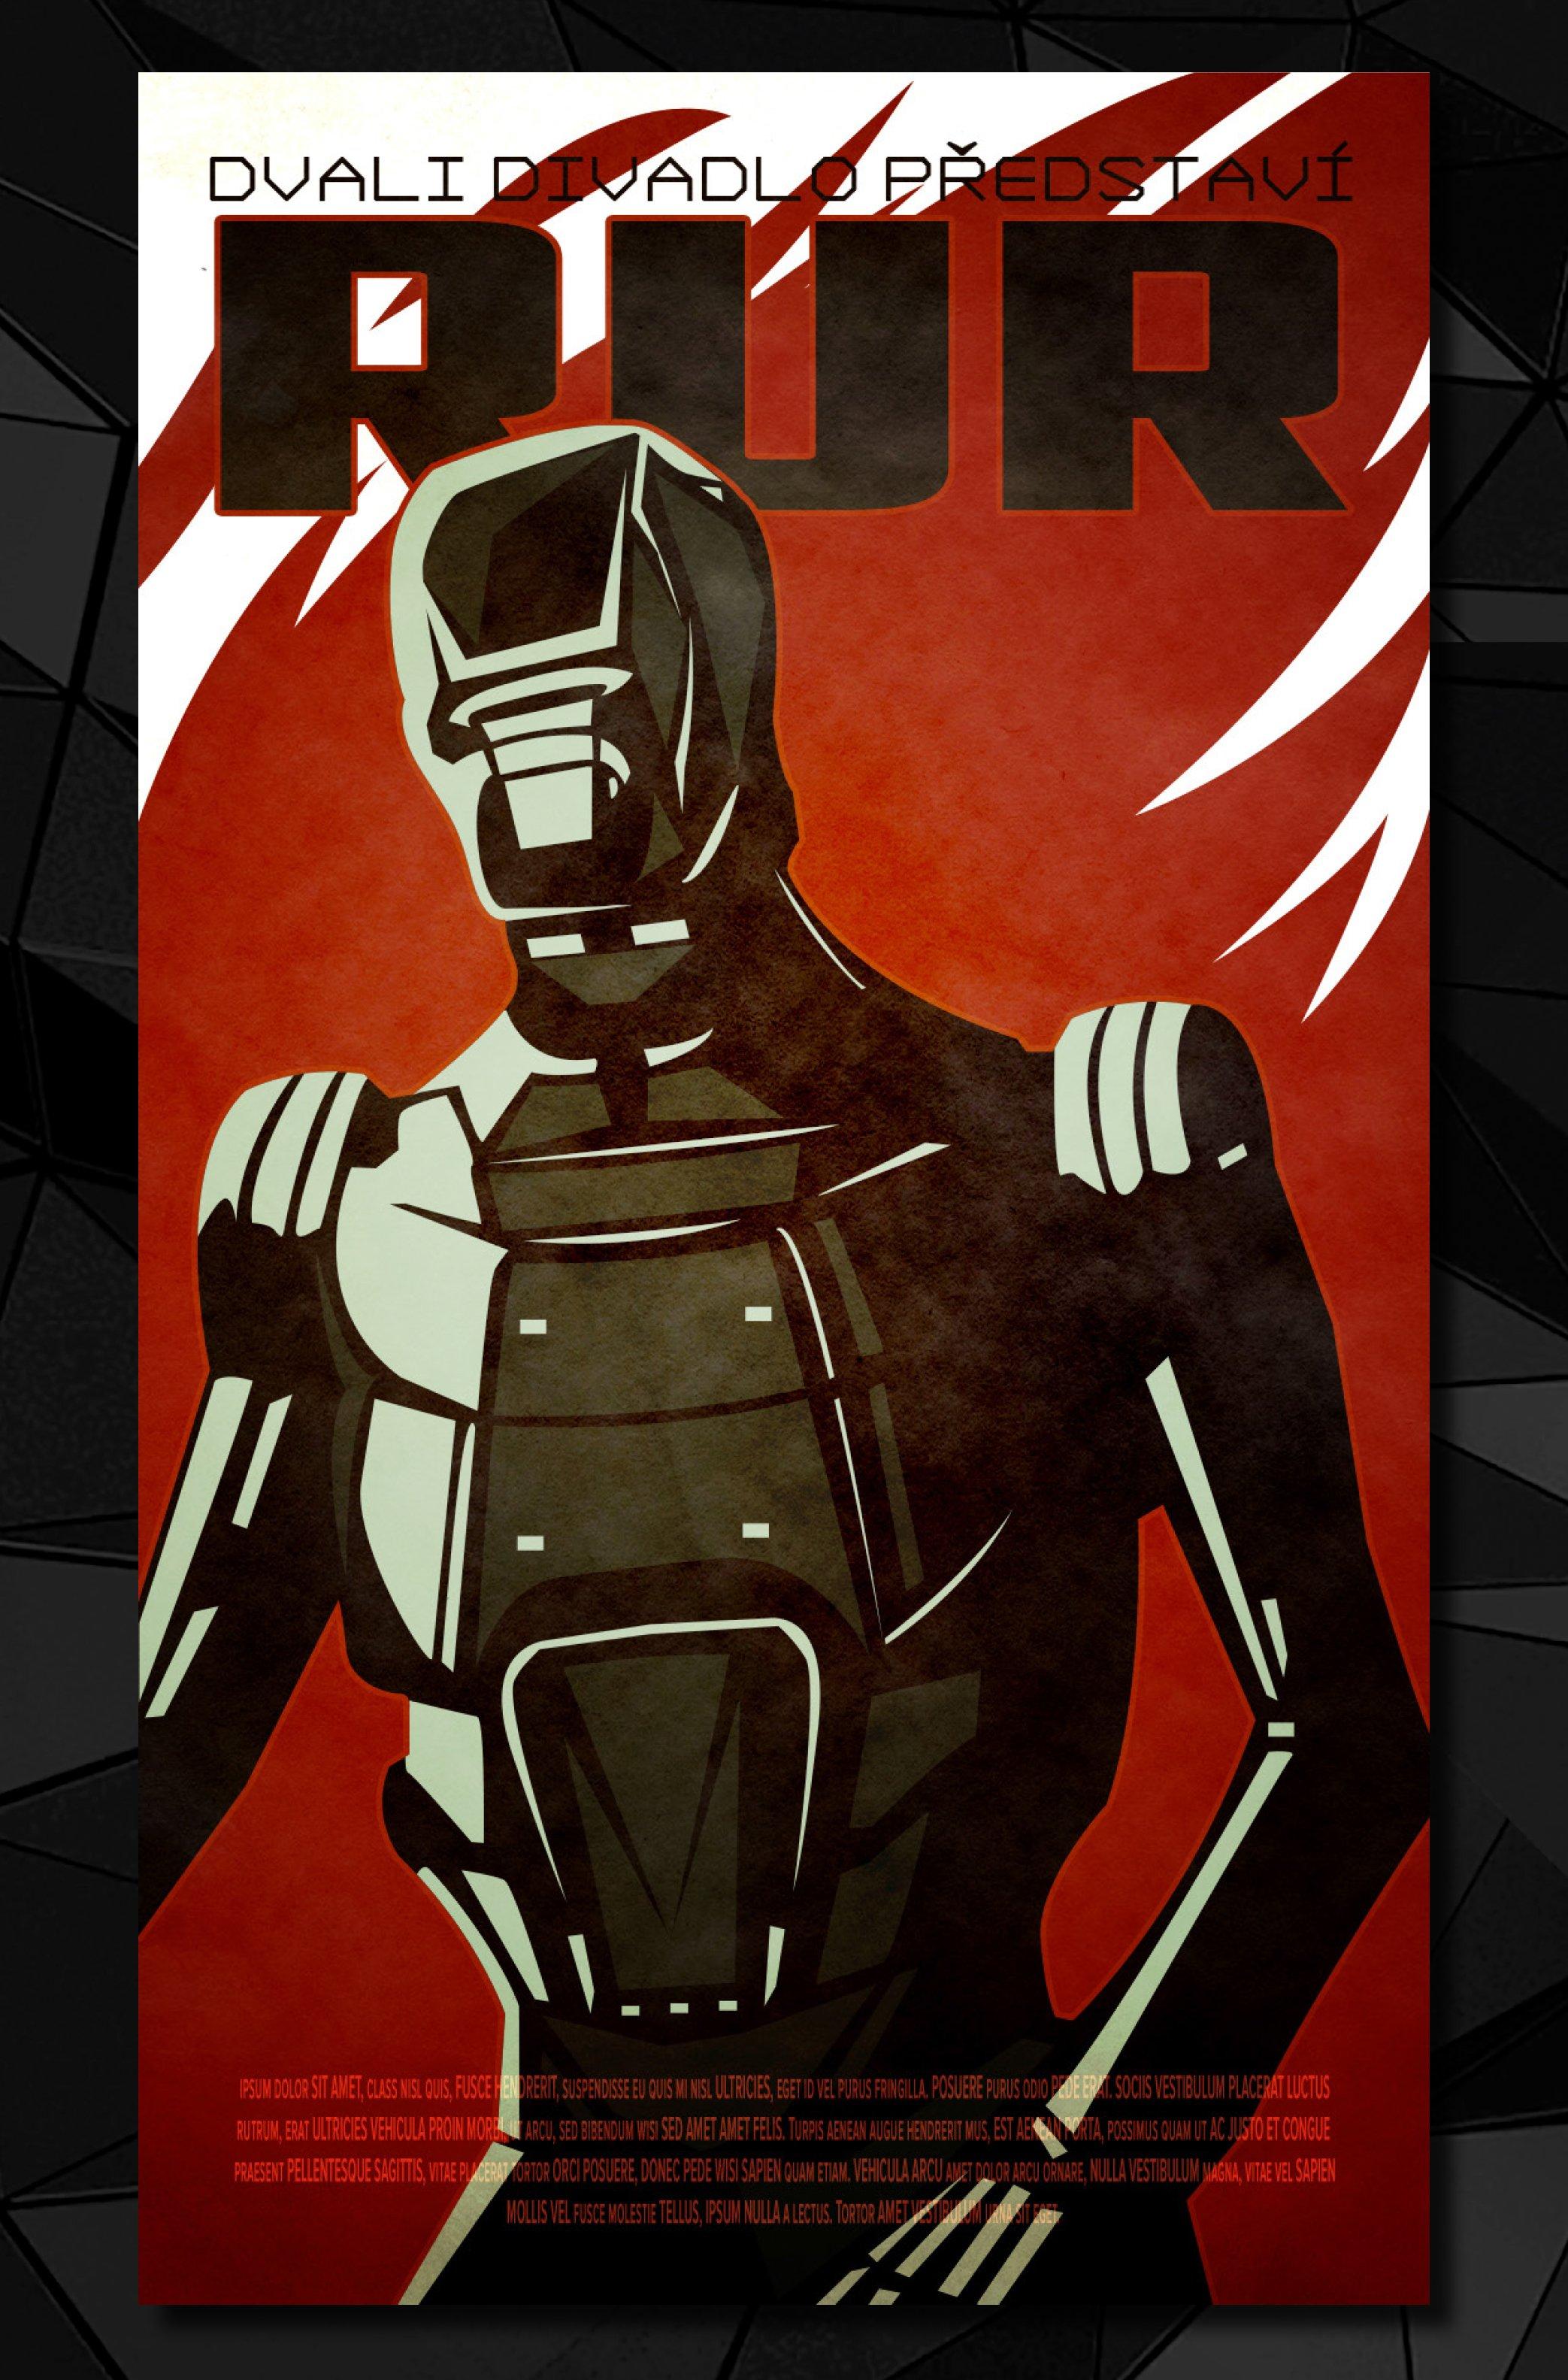 Агитплакаты Deus Ex, которые можно найти в комикс-серии Deus Ex Universe - Children's Crusade. - Изображение 15